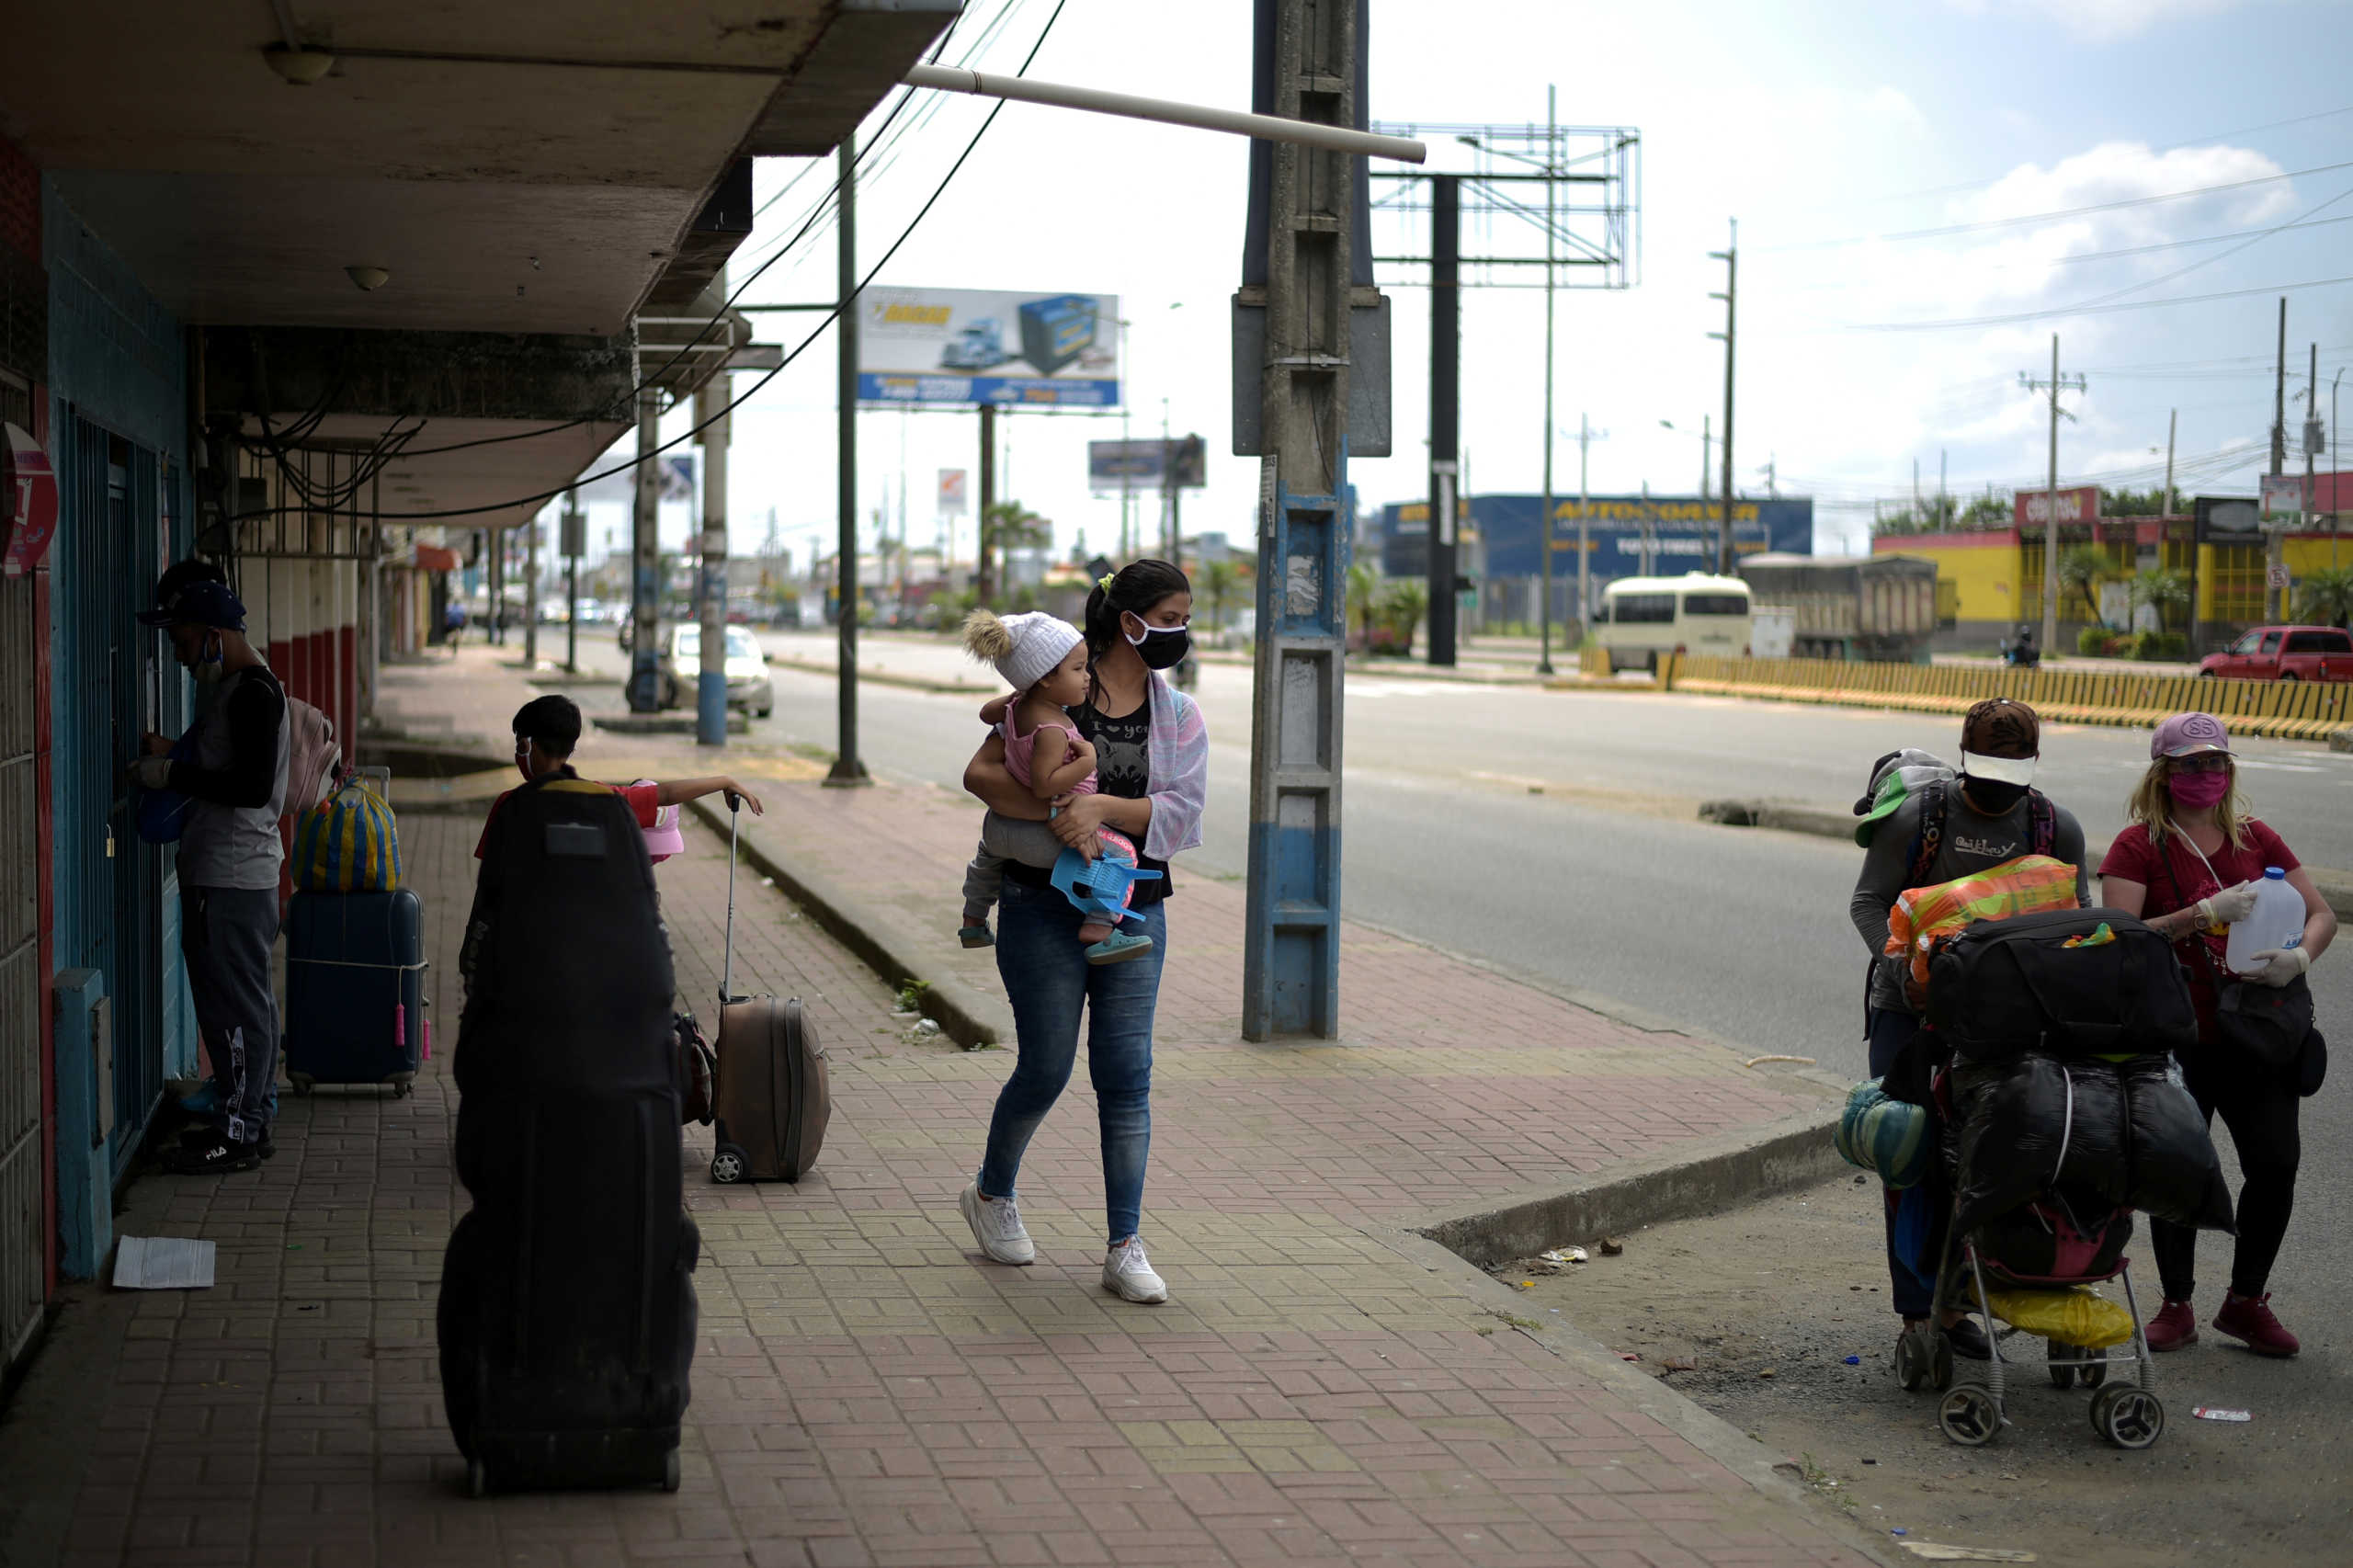 Κορονοϊός: Πάνω από 10.000 κρούσματα στο Εκουαδόρ, ακόμα 10 νεκροί στον Παναμά